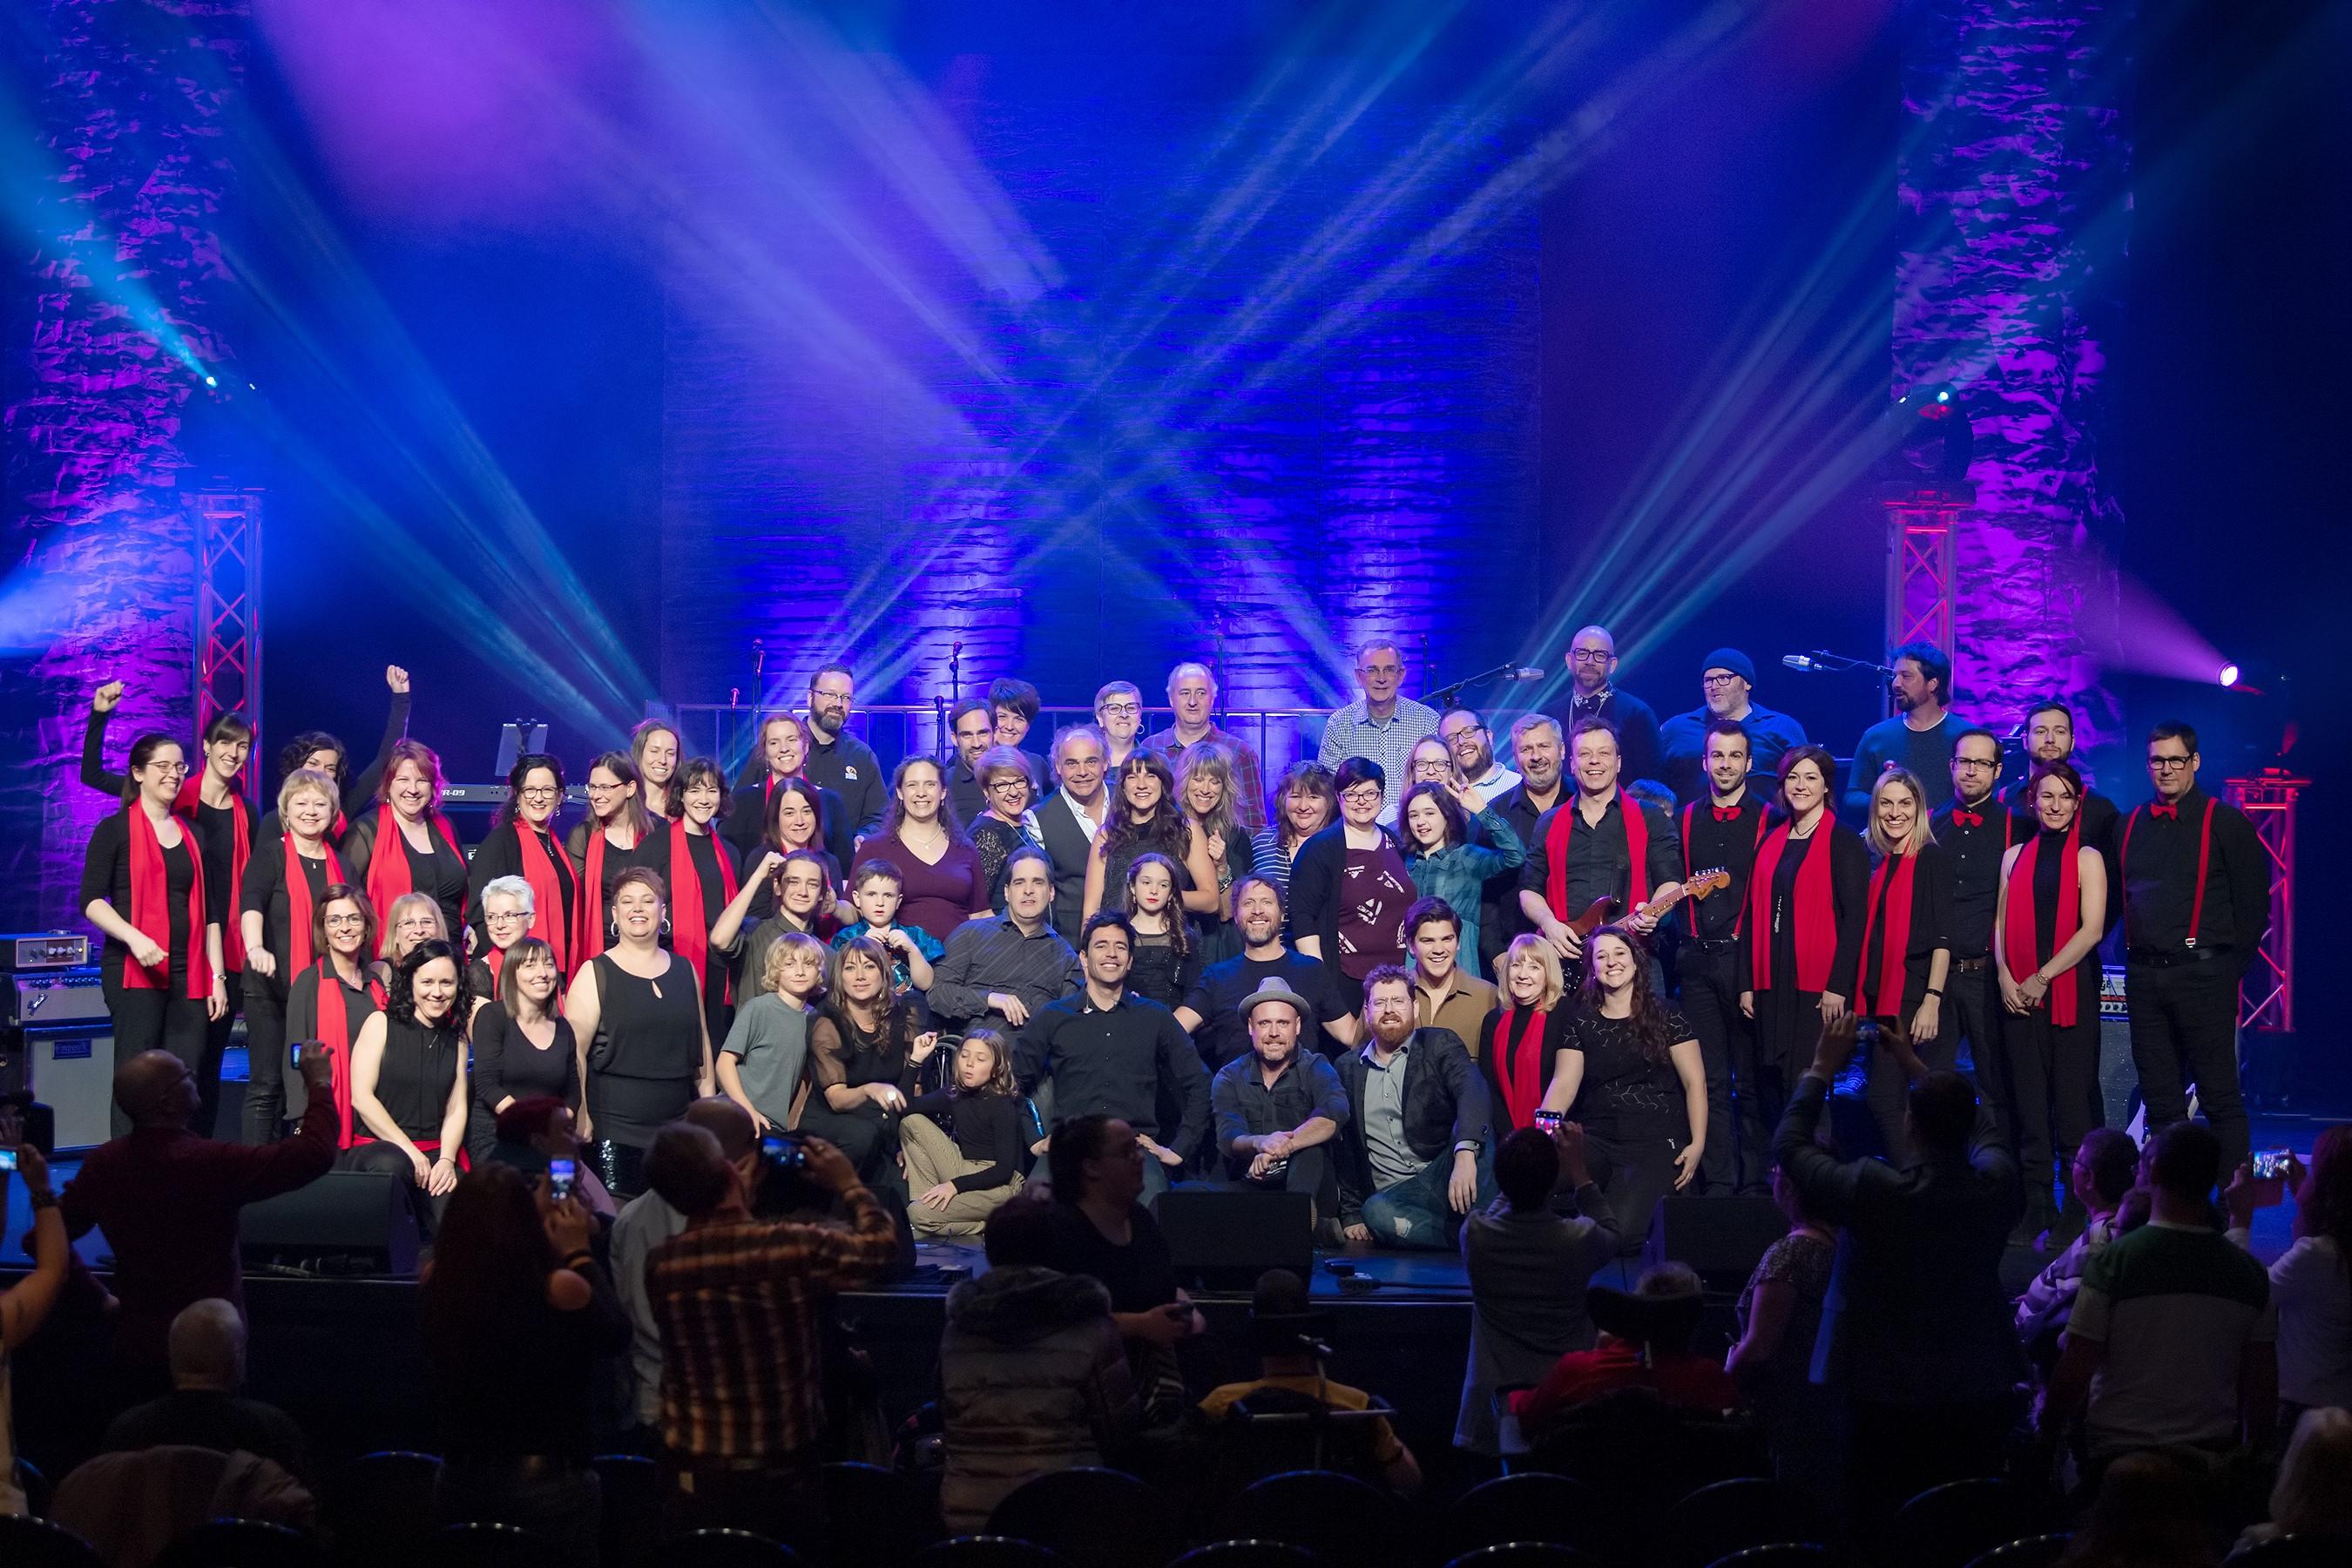 L'ensemble des artistes et artisans de ce spectacle réunis sur la scène de la Salle Desjardins-TELUS samedi soir.